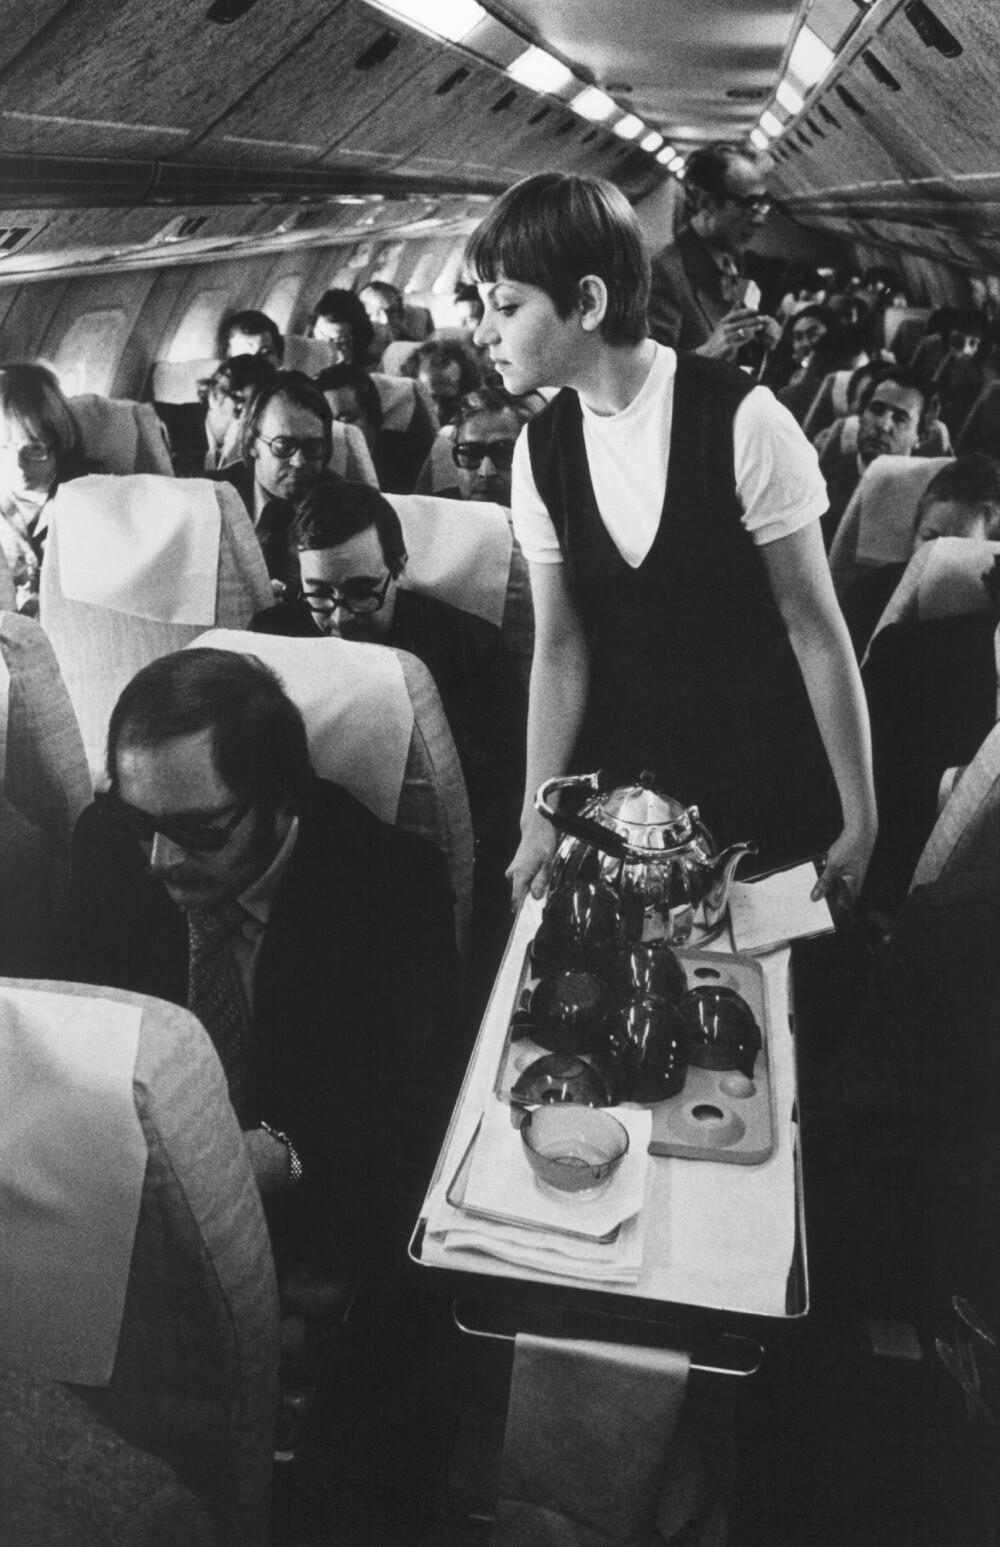 KOMMUNISTLUKSUS: Prototypen blir vist frem for publikum første gang i 1969. Billettene var billige, men ikke lette å få tak i.